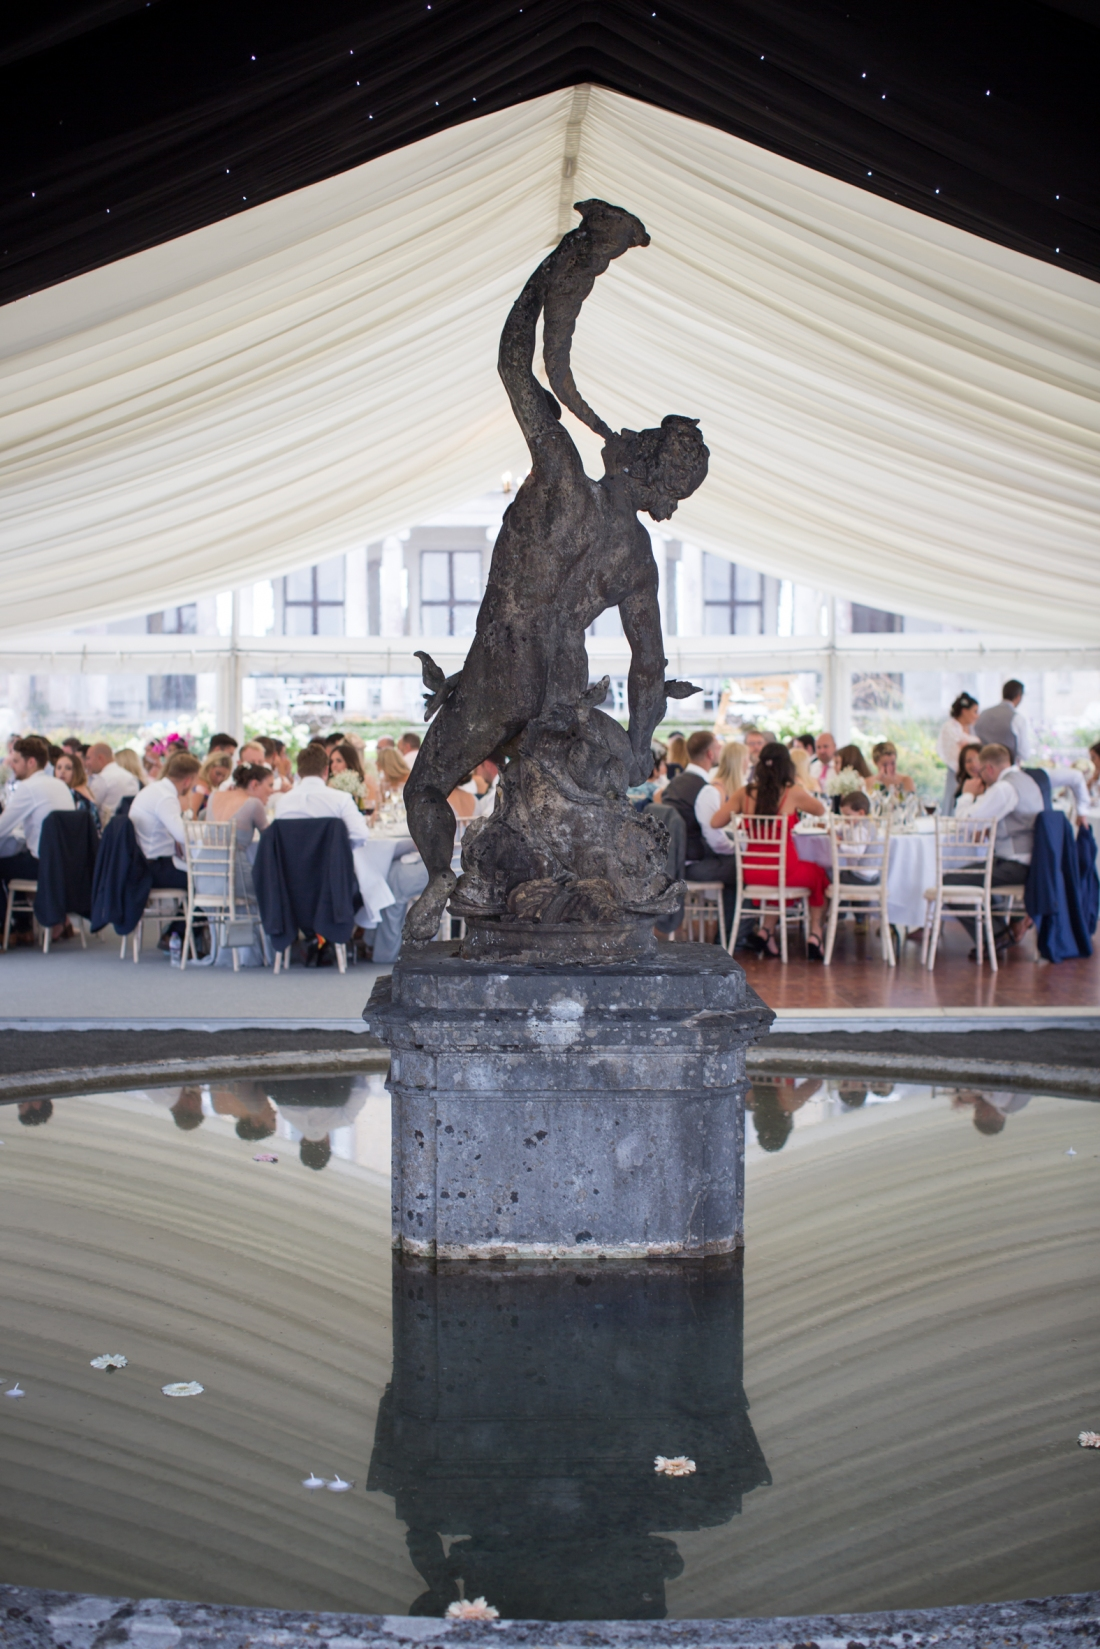 somerley house wedding jake moore (78)